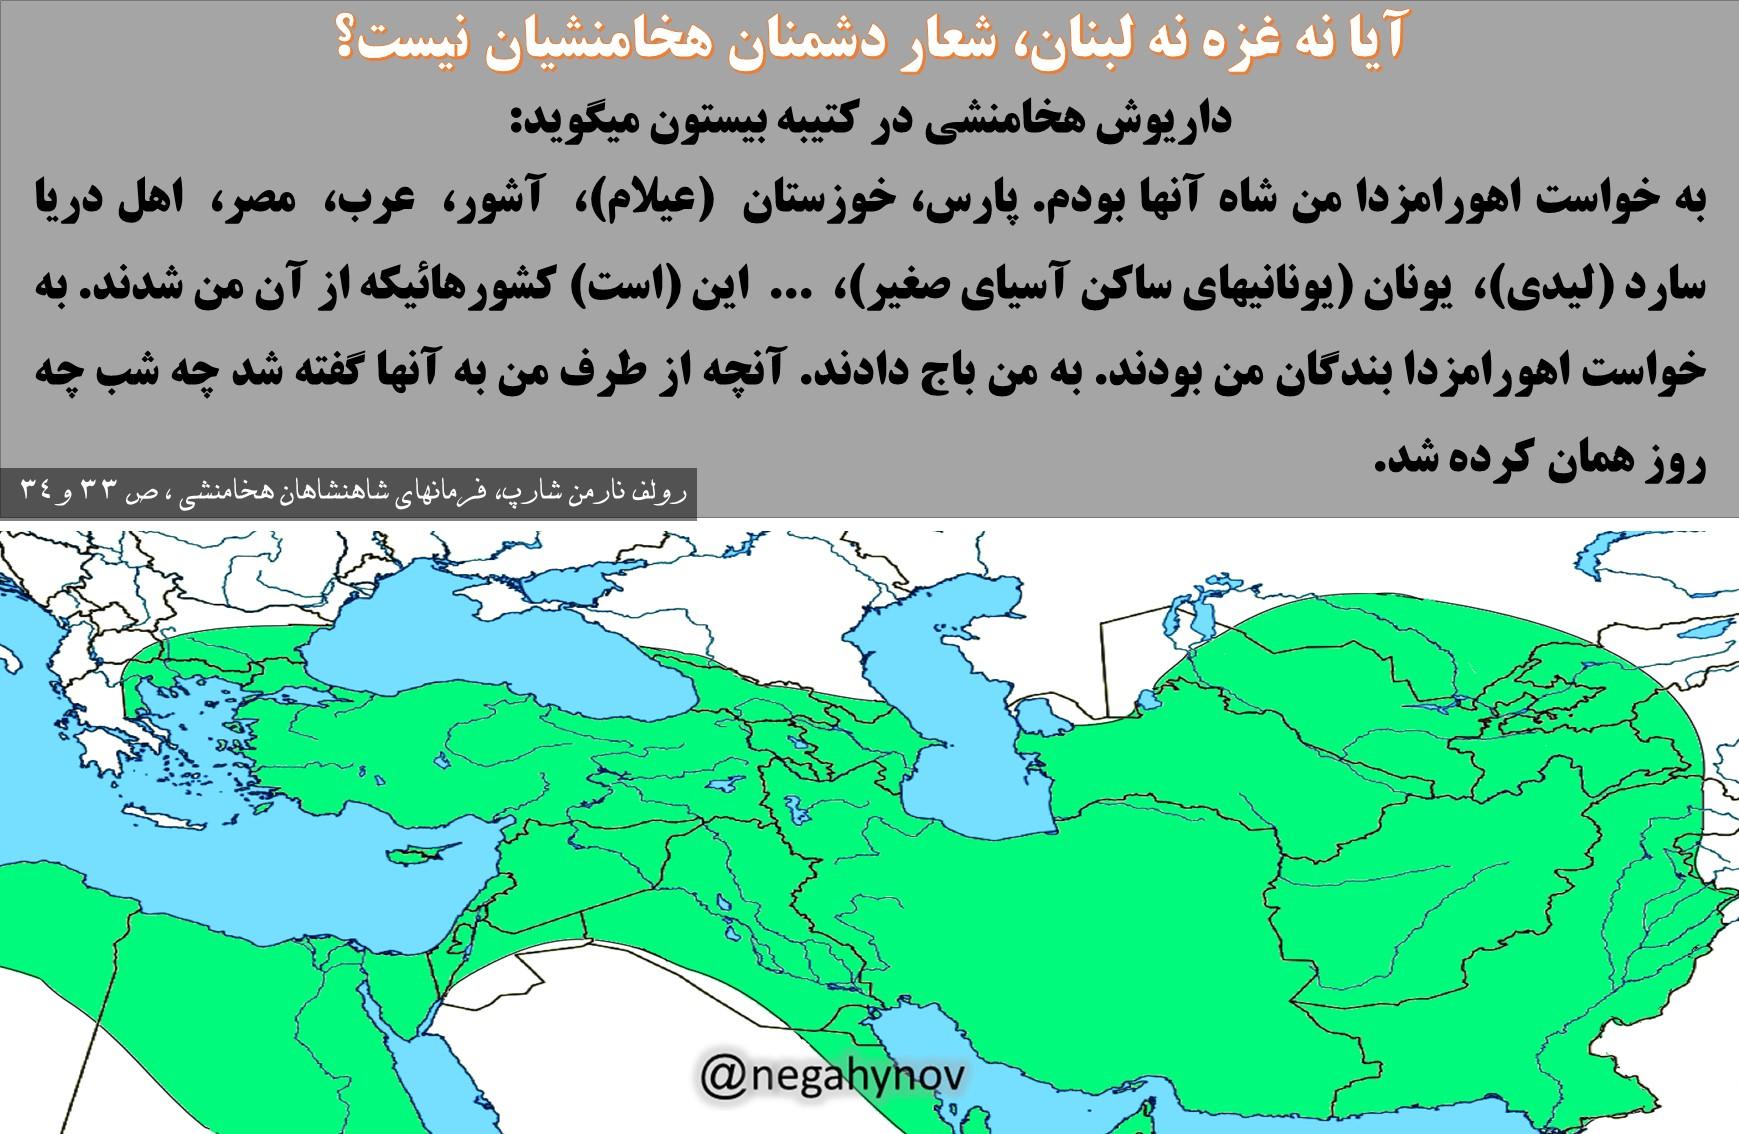 داریوش هخامنشی و شعار «نه غزه نه لبنان» - نگاهی نو